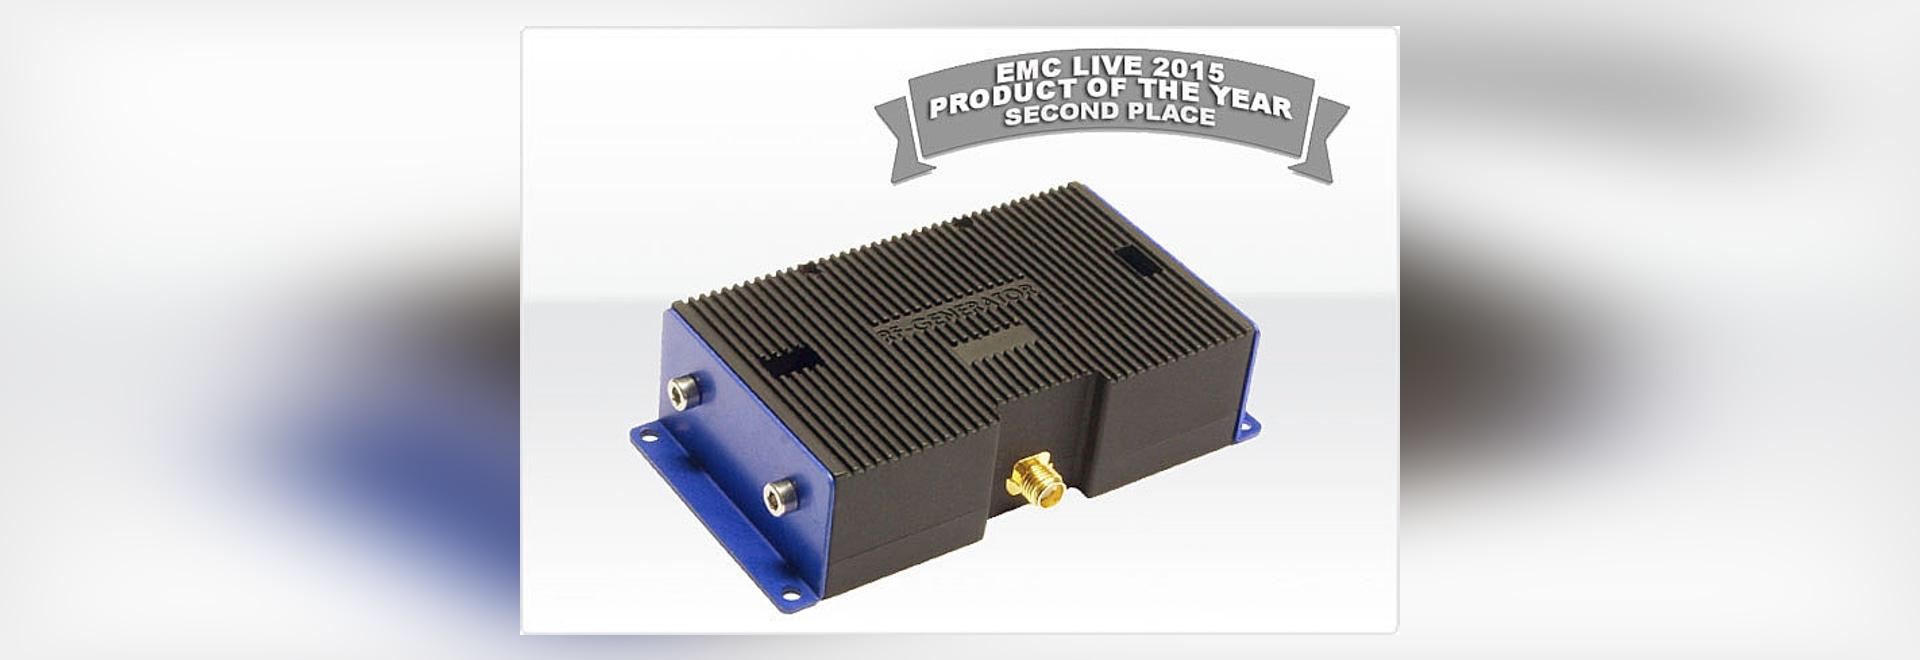 Più piccolo trasduttore a pile del mondo da 23,5MHz a 6GHz